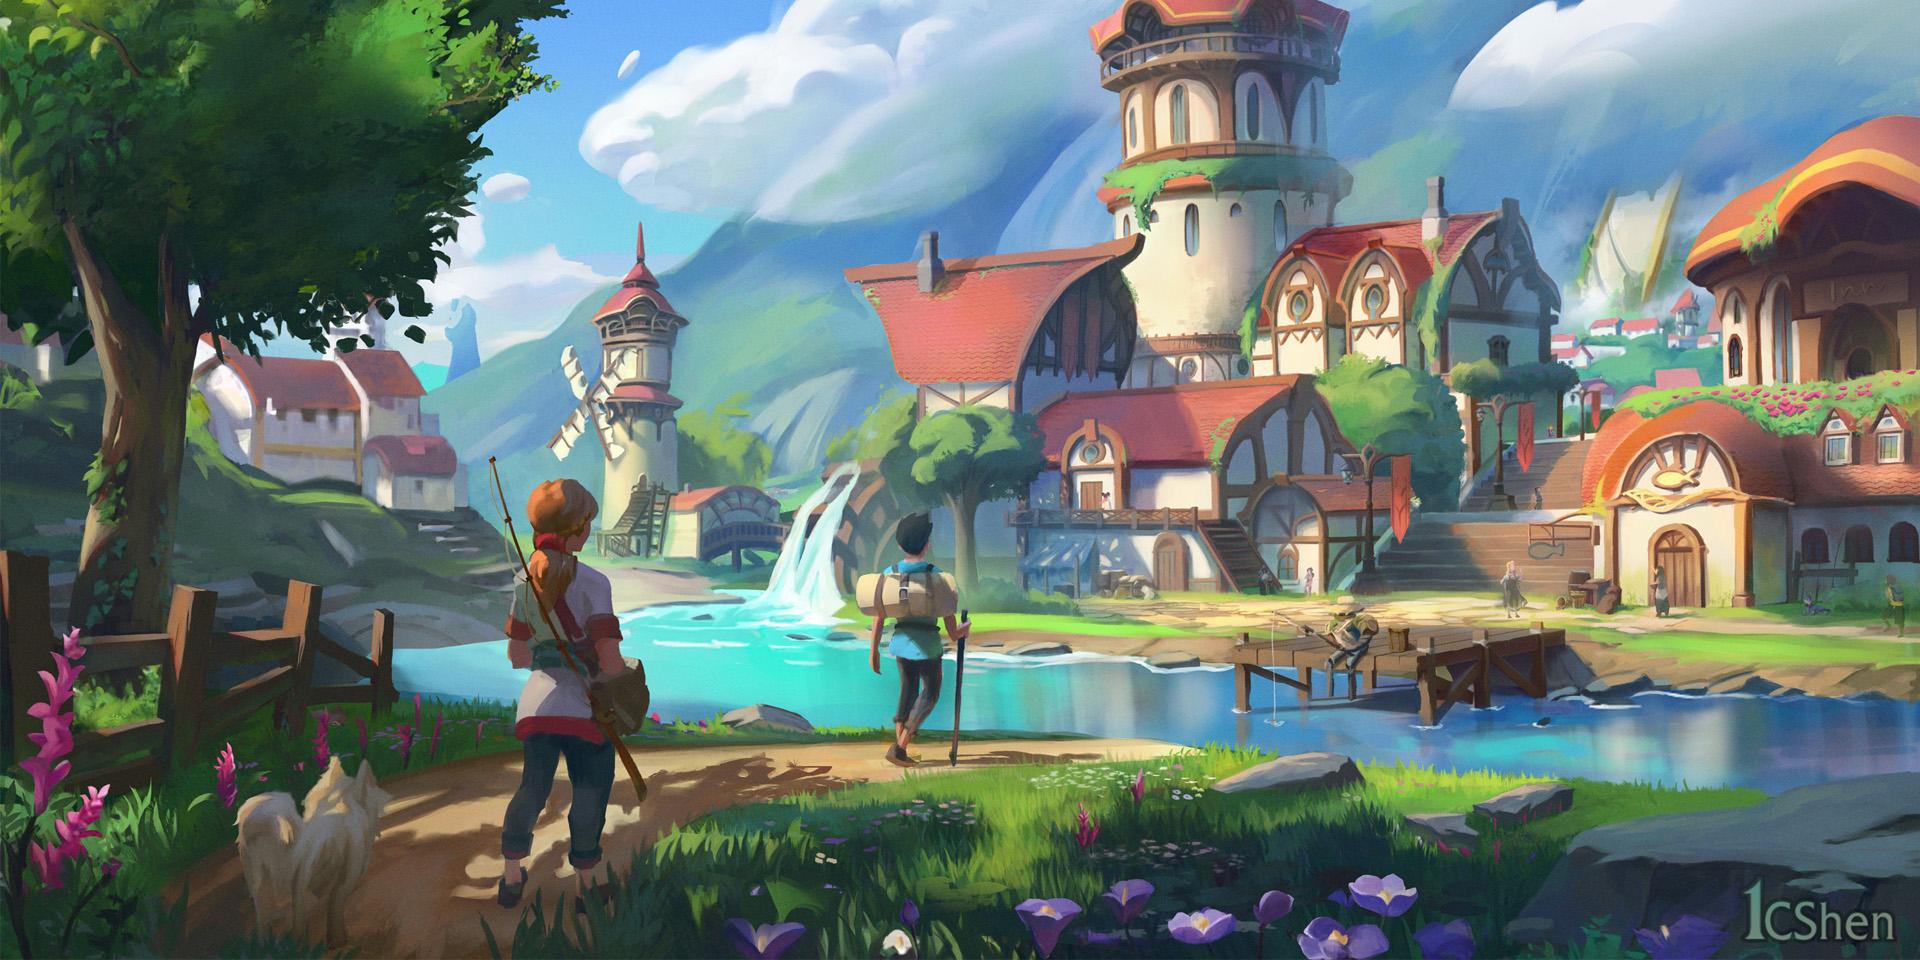 MMO-индустрия: Palia не говорит, но показывает, Camelot Unchained торопится, а в EVE заявили, что могут обойтись без замедления времени